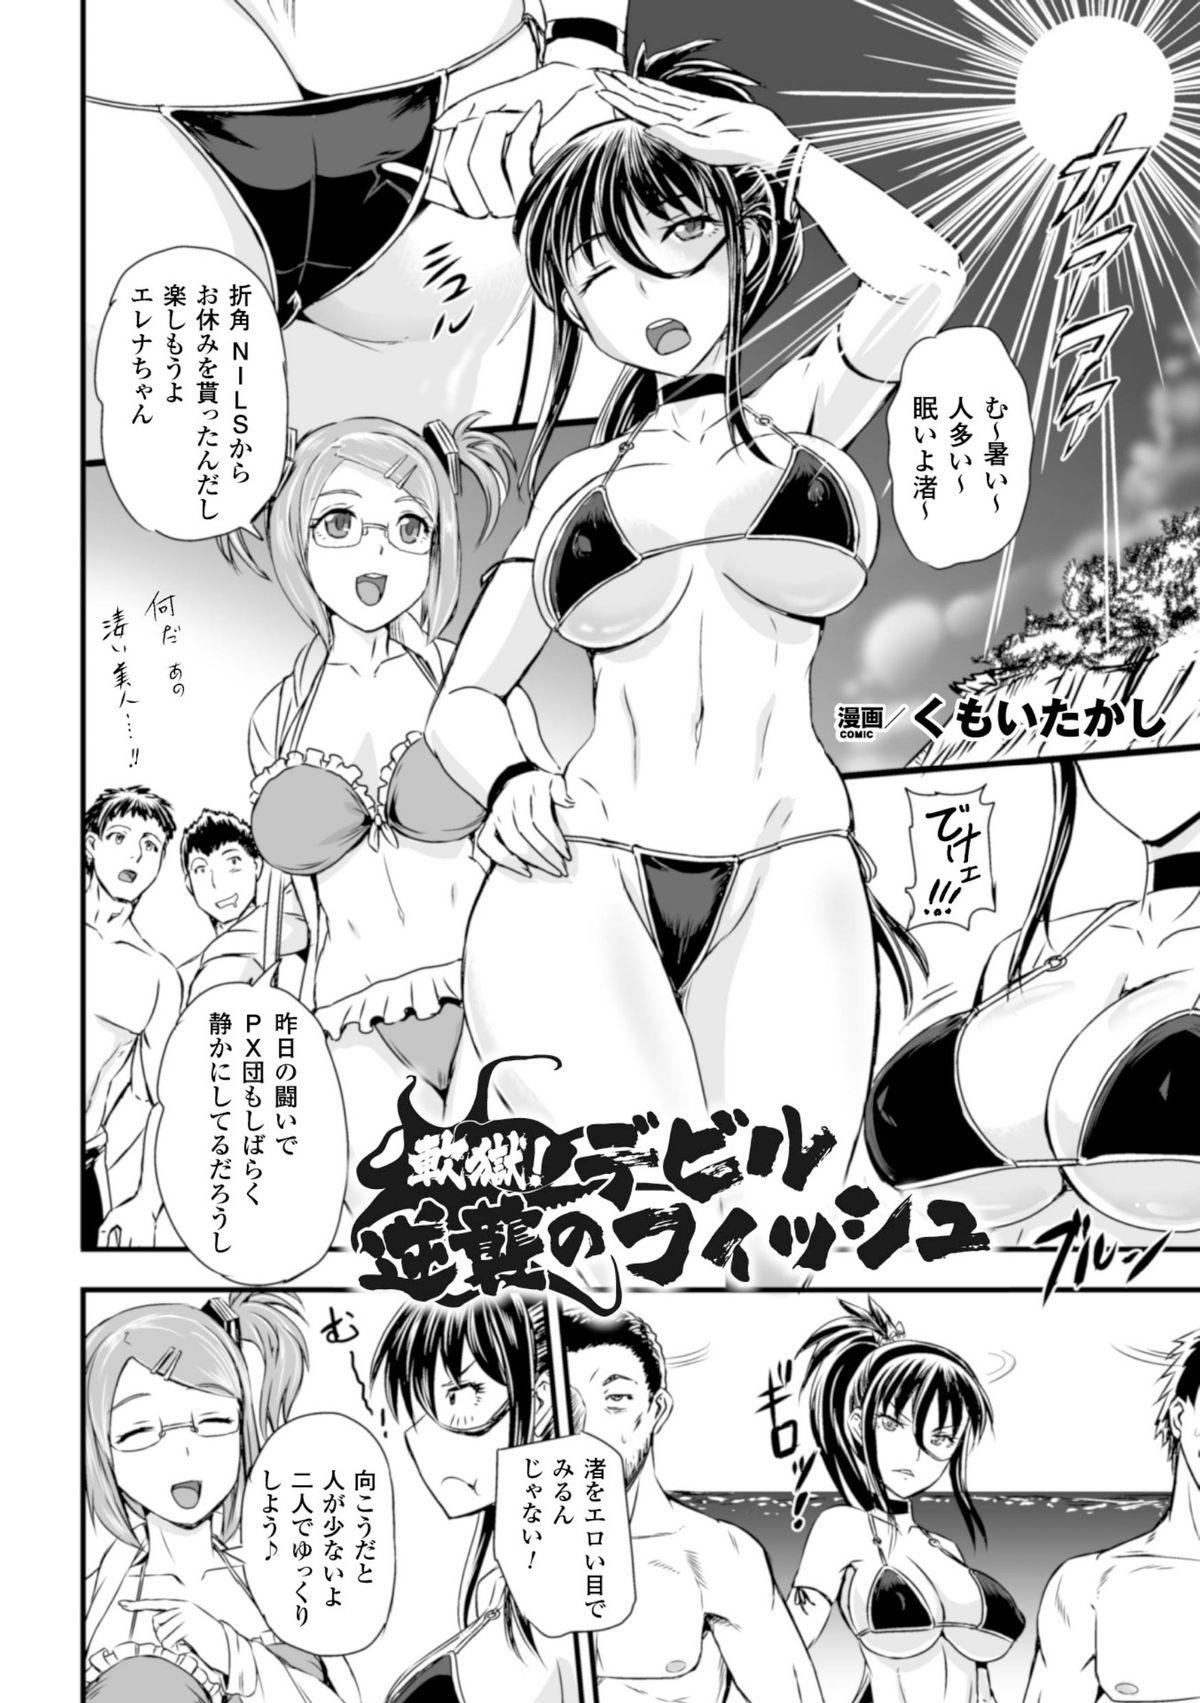 2D Comic Magazine Suisei Seibutsu ni Okasareru Heroine-tachi Vol. 1 63